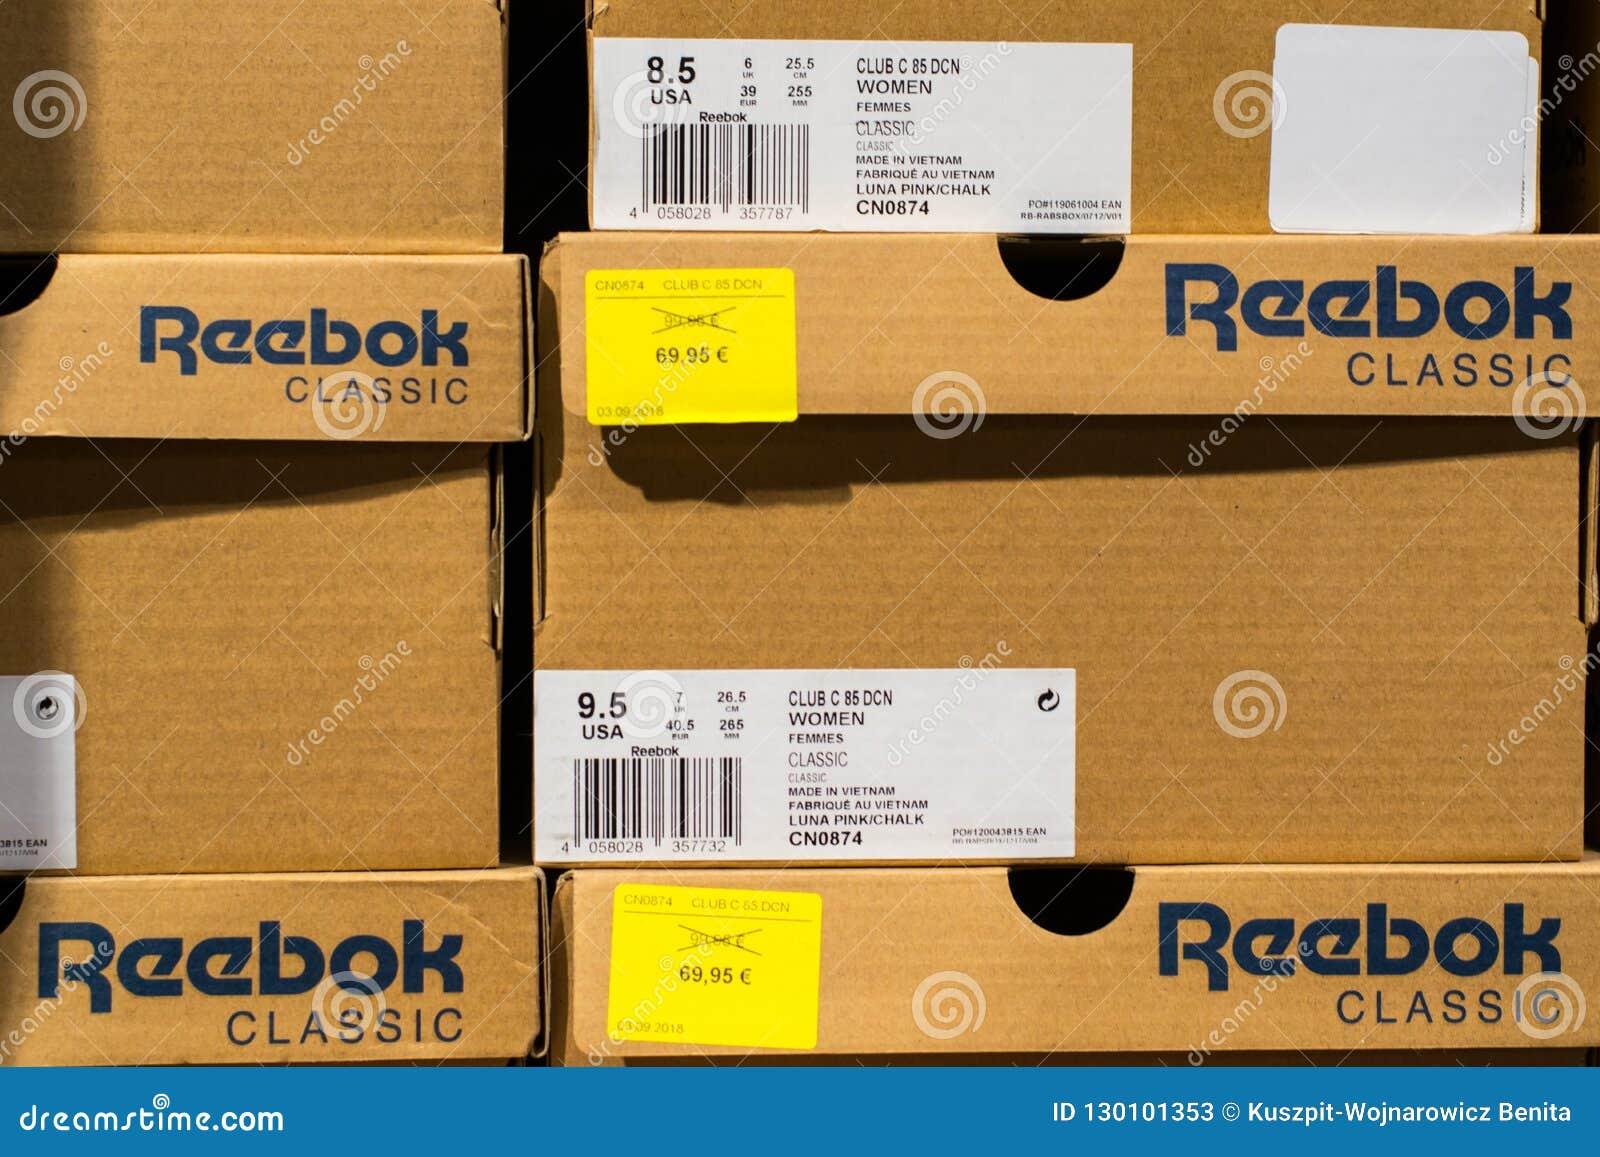 reebok shoes box